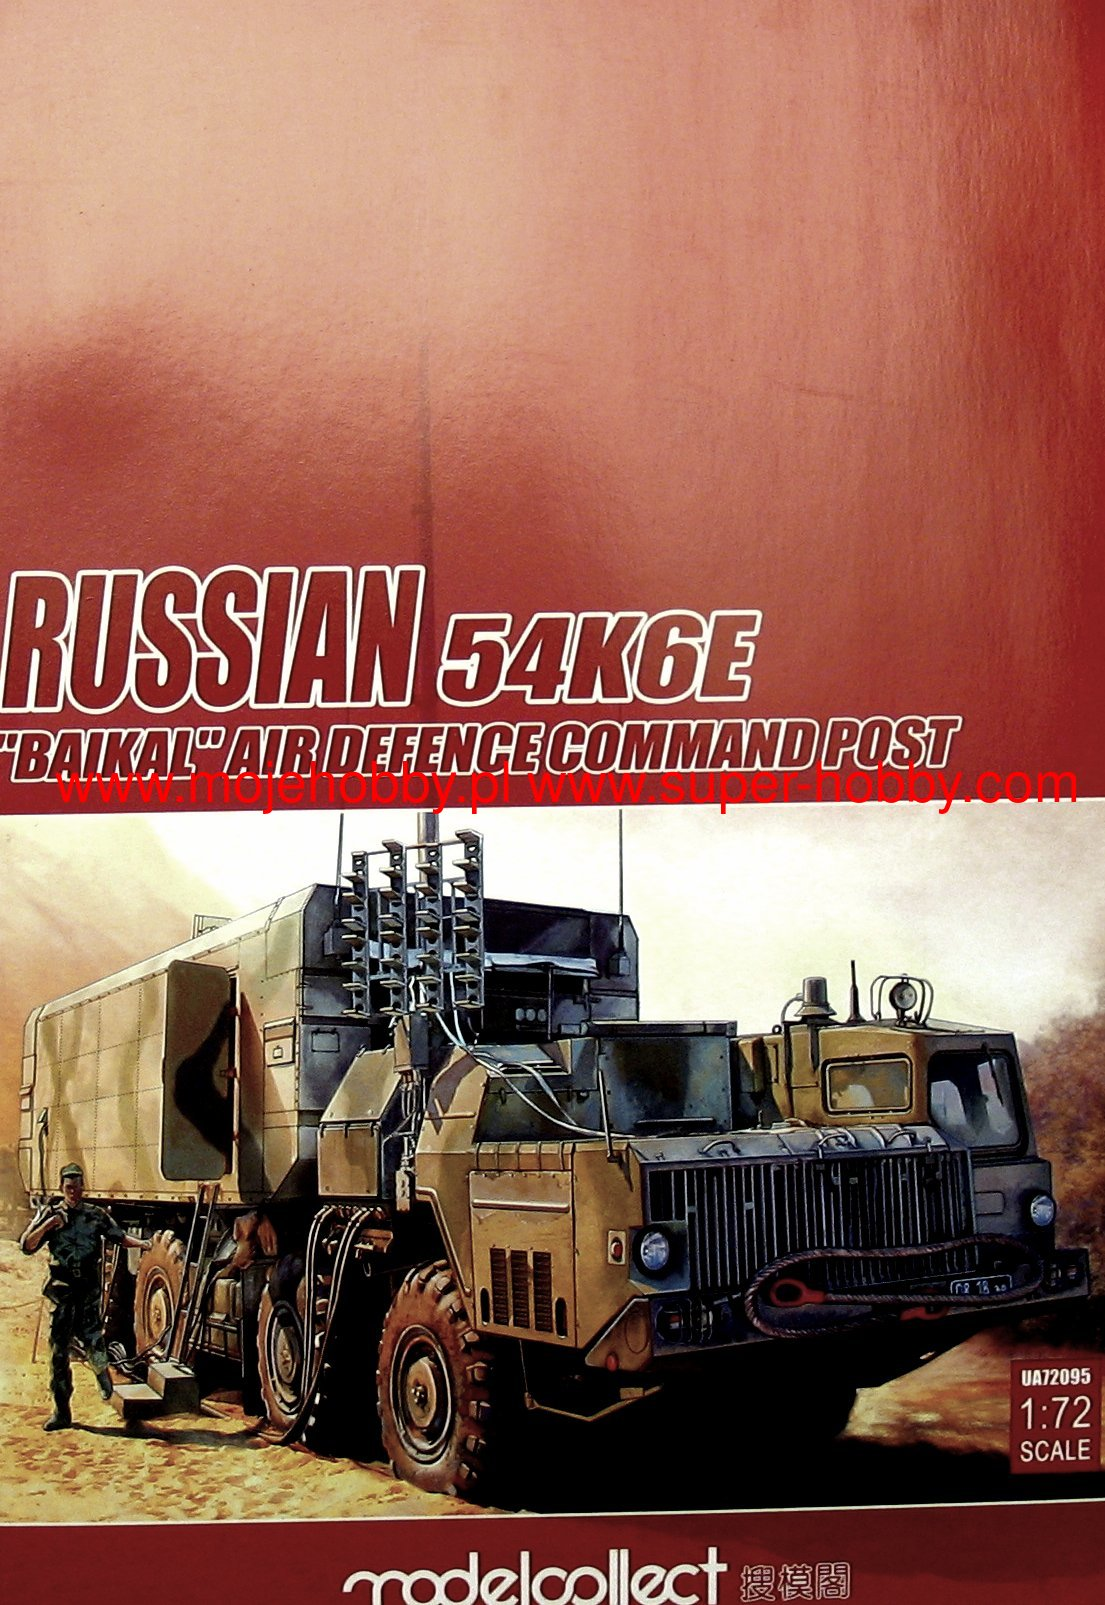 Russian 54K6E